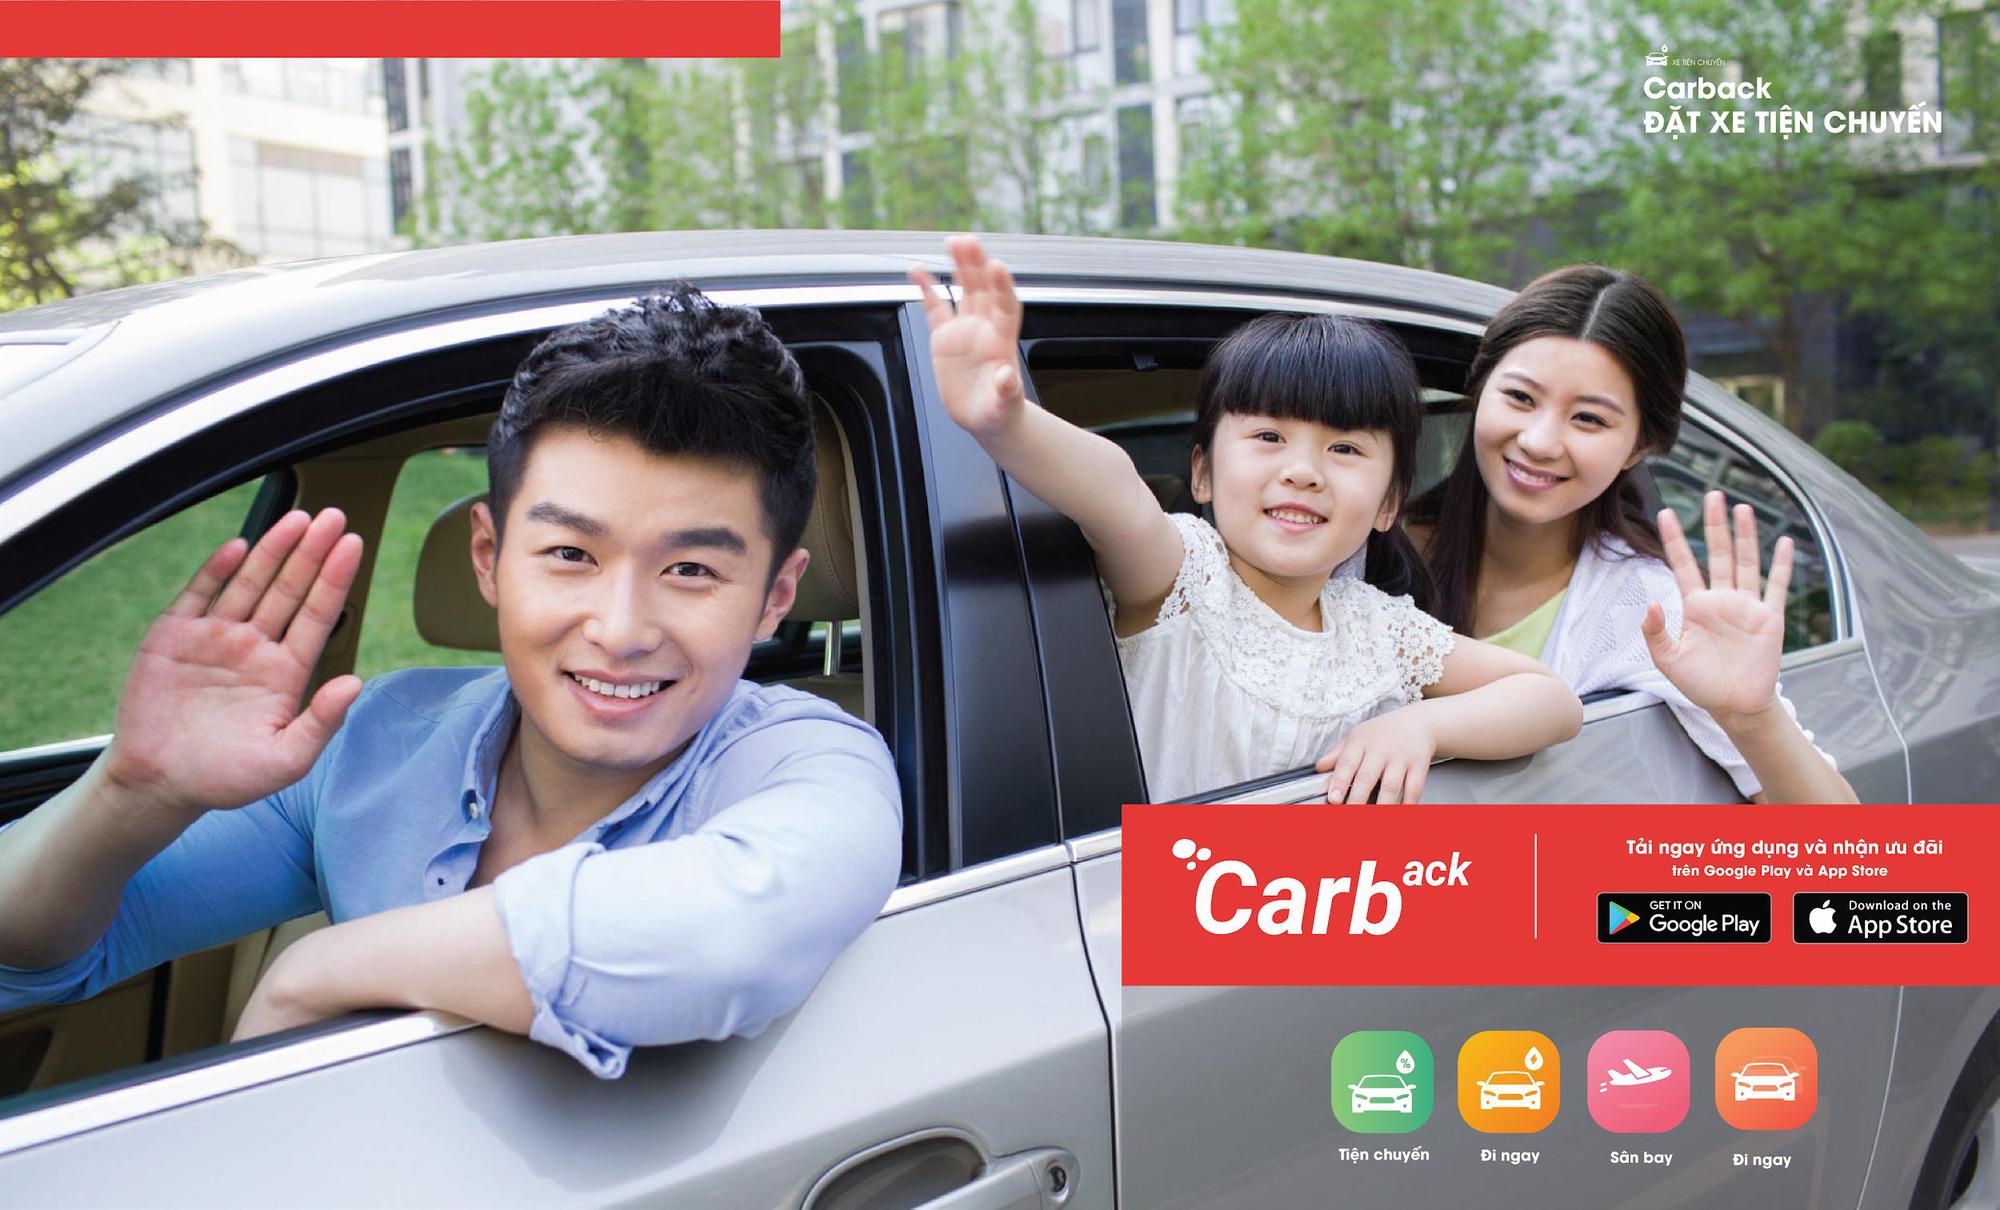 Carback: Đặt xe con đi tỉnh, du lịch, về quê giá bằng đi xe khách! - Ảnh 3.